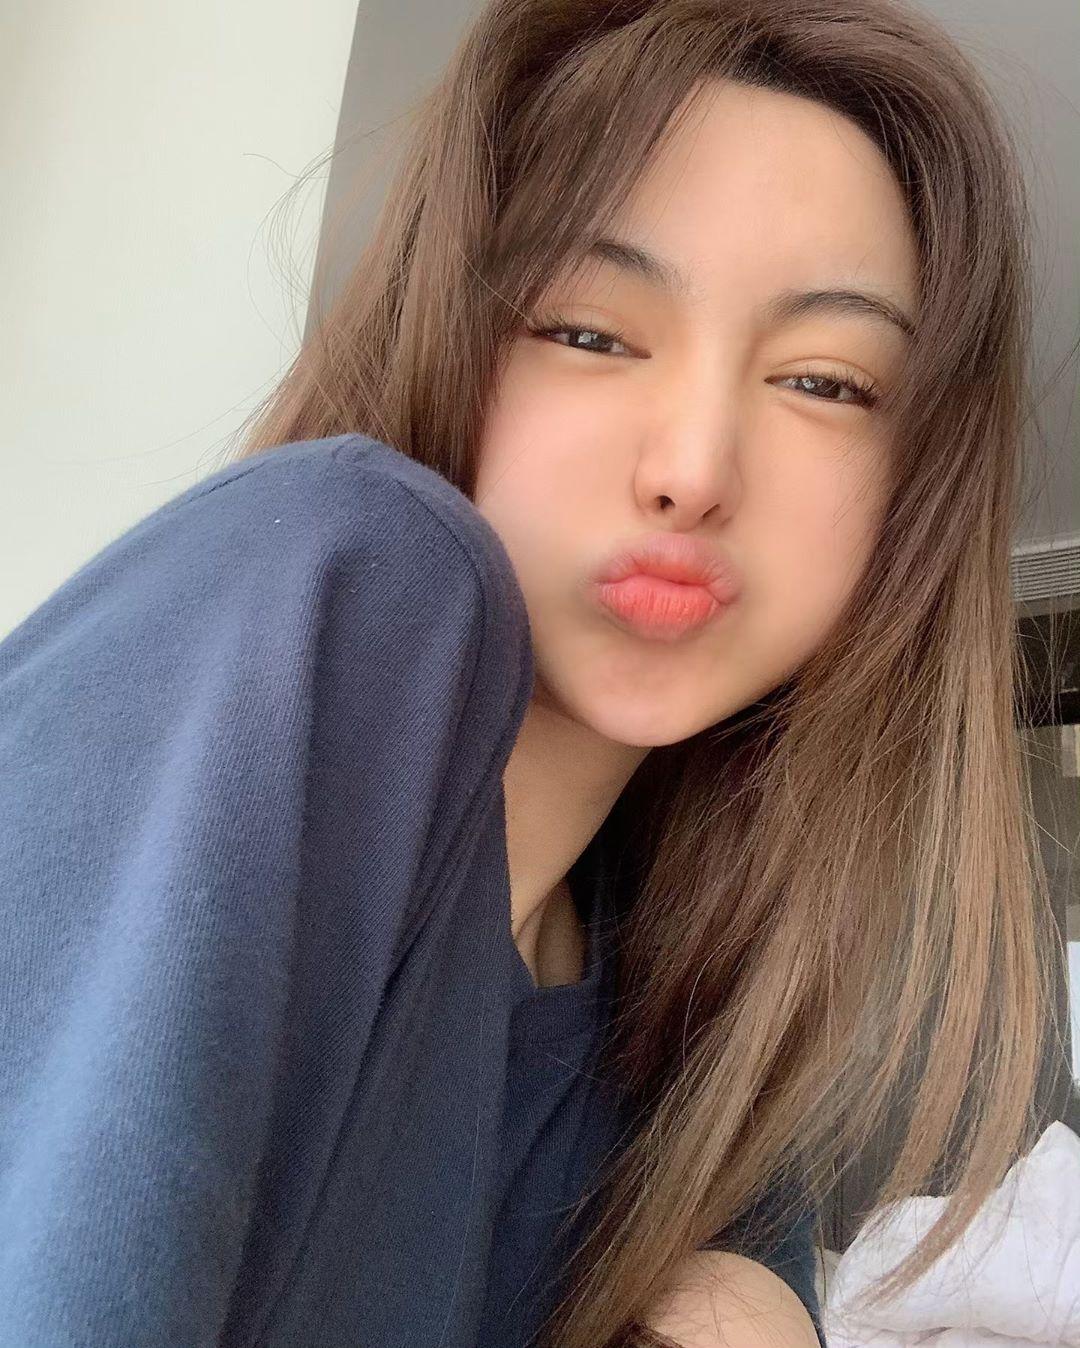 請看我的唇 安珠利 - 美女圖 -